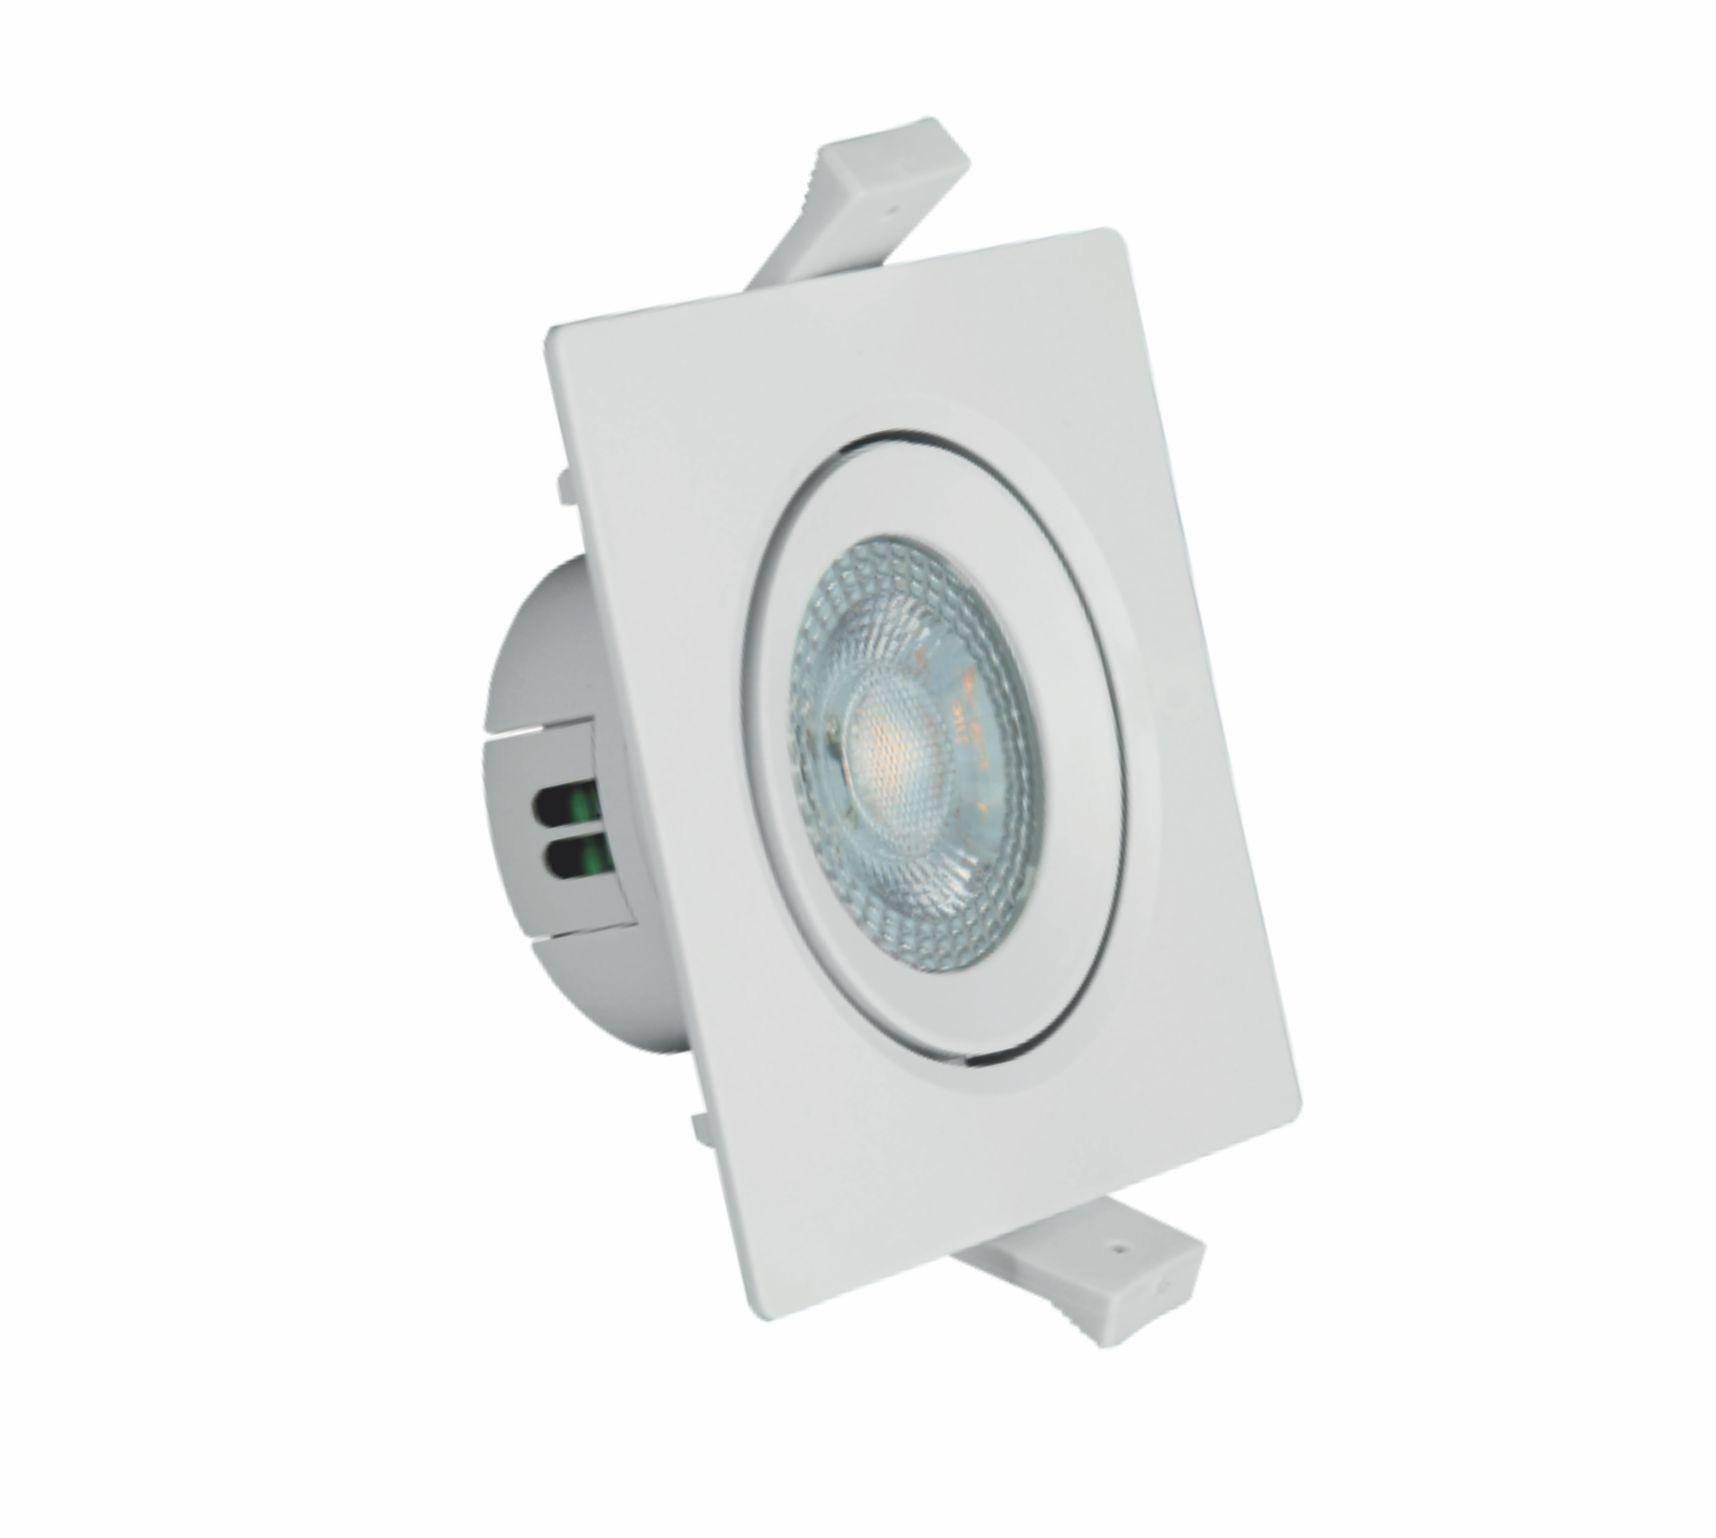 Spot LED Quadrado PAR30 12W 3000K Branco AUTOVOLT